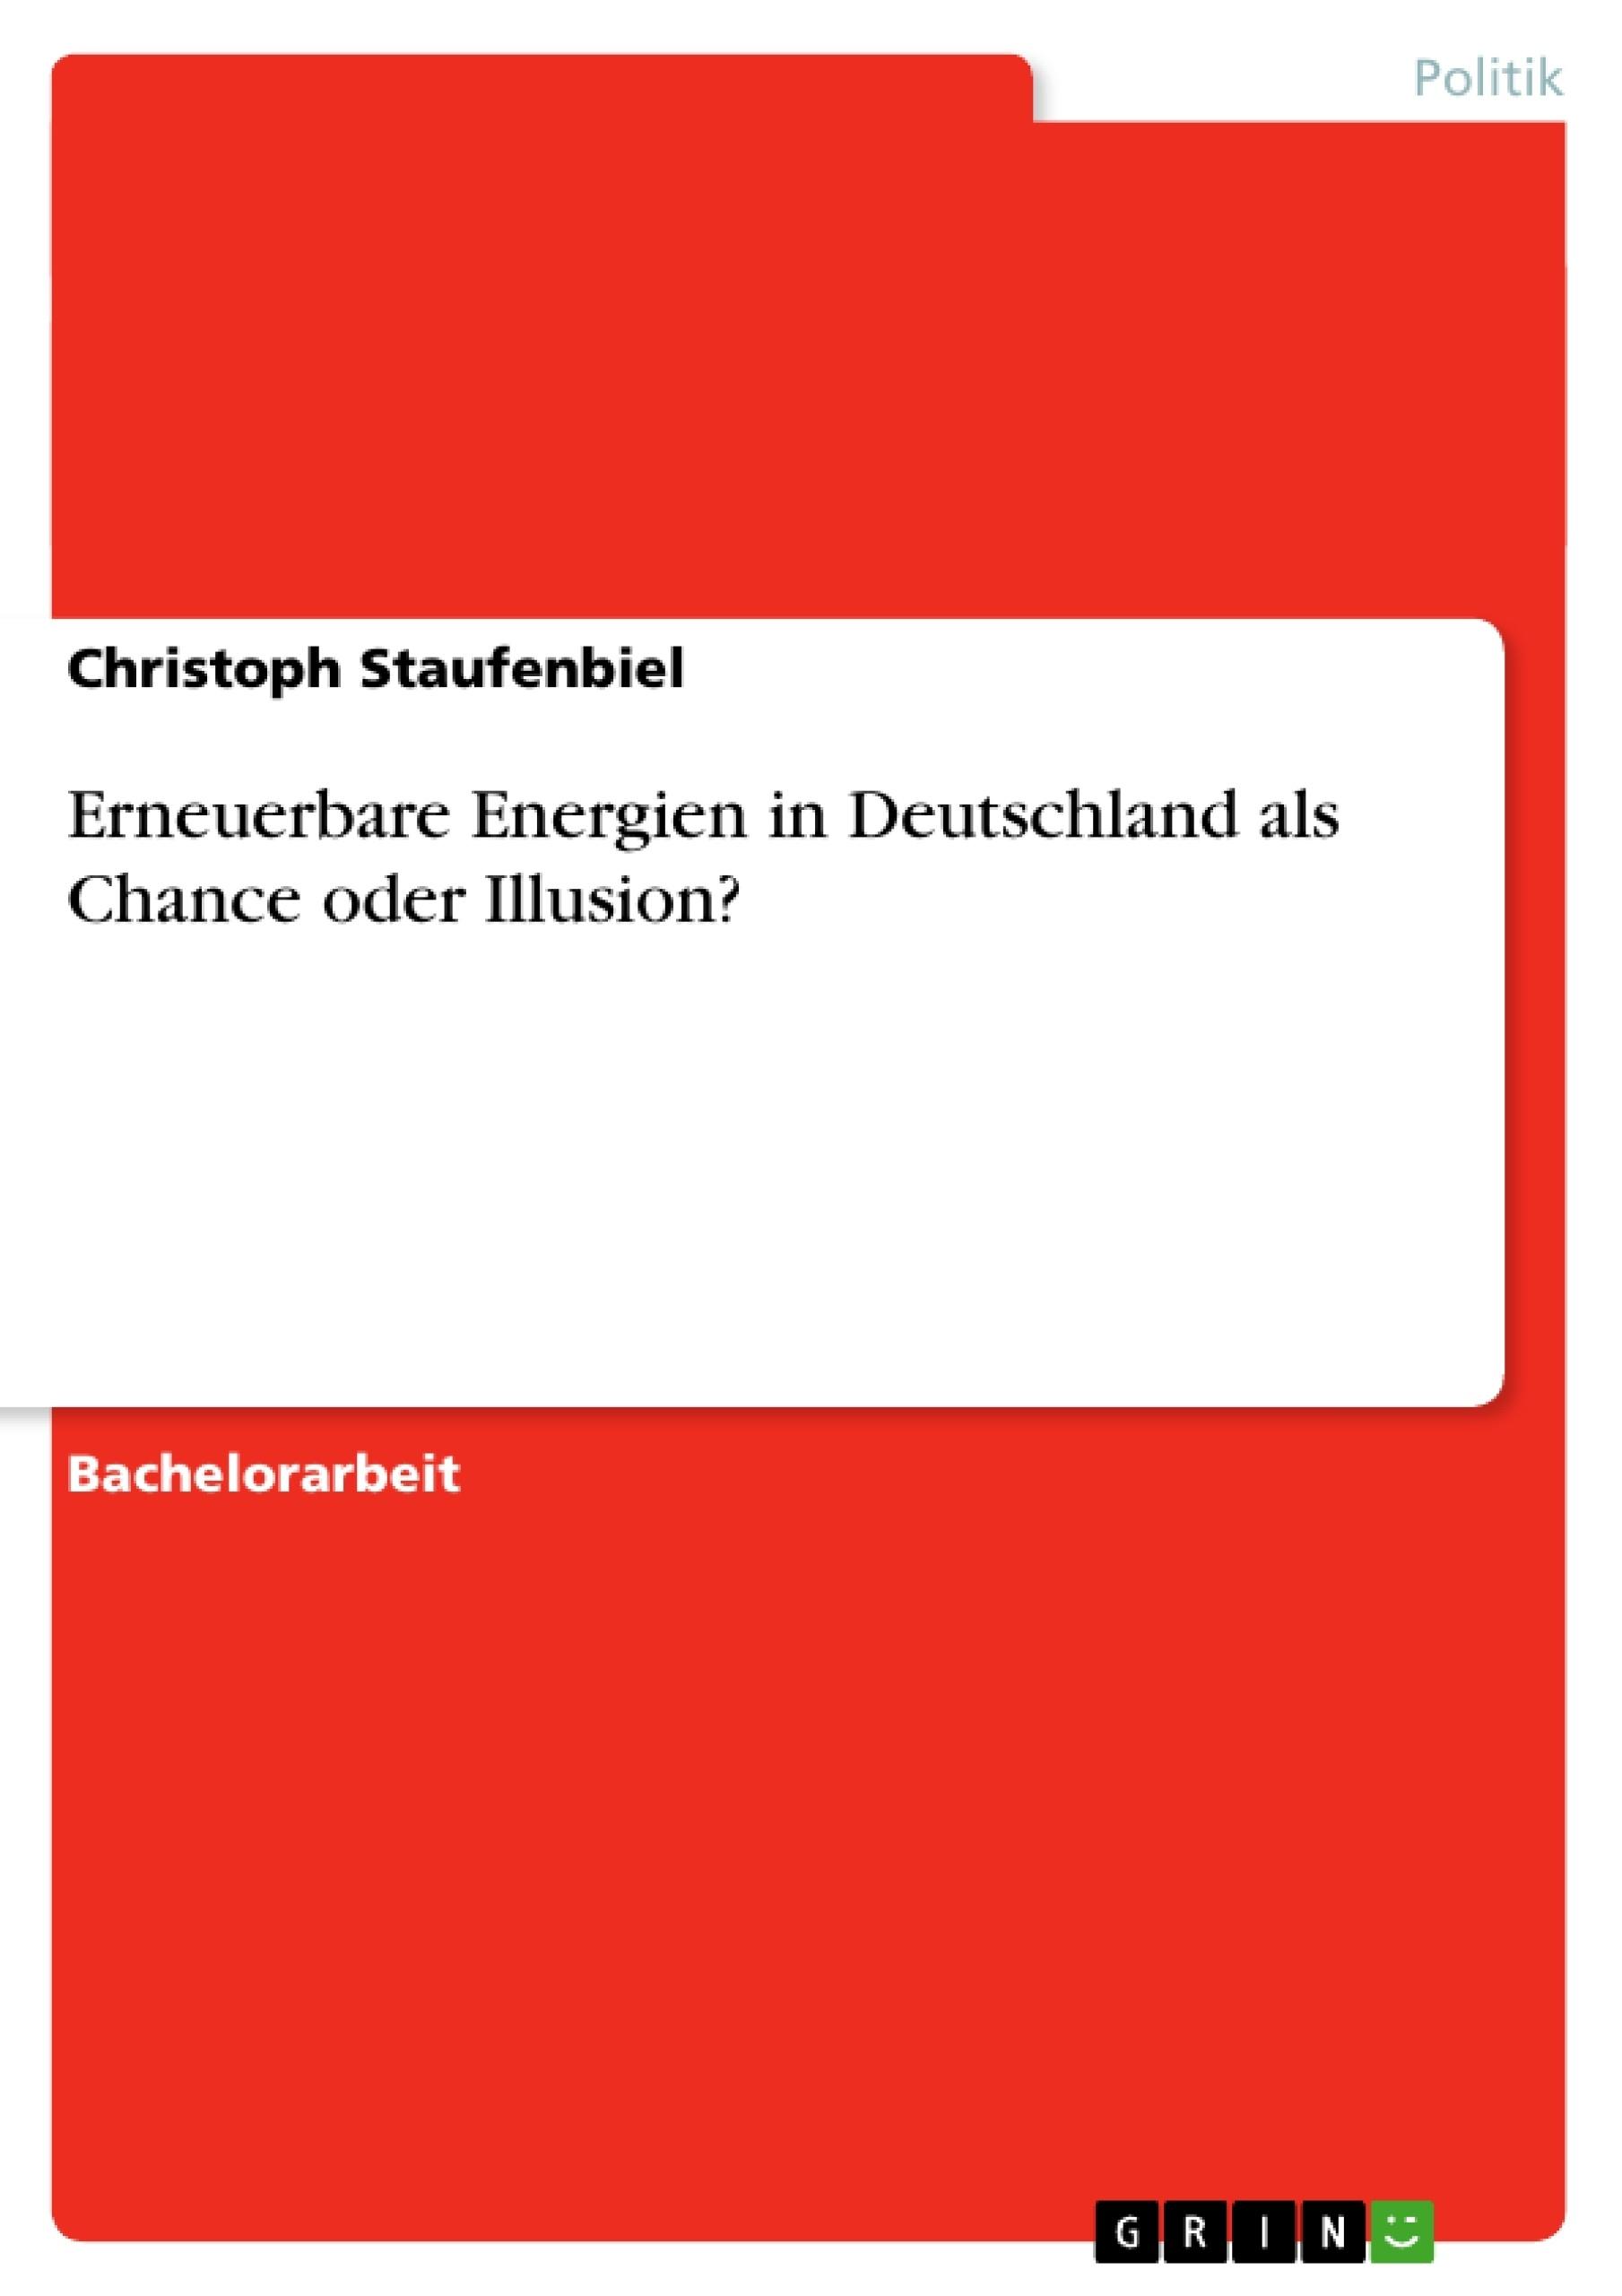 Titel: Erneuerbare Energien in Deutschland als Chance oder Illusion?